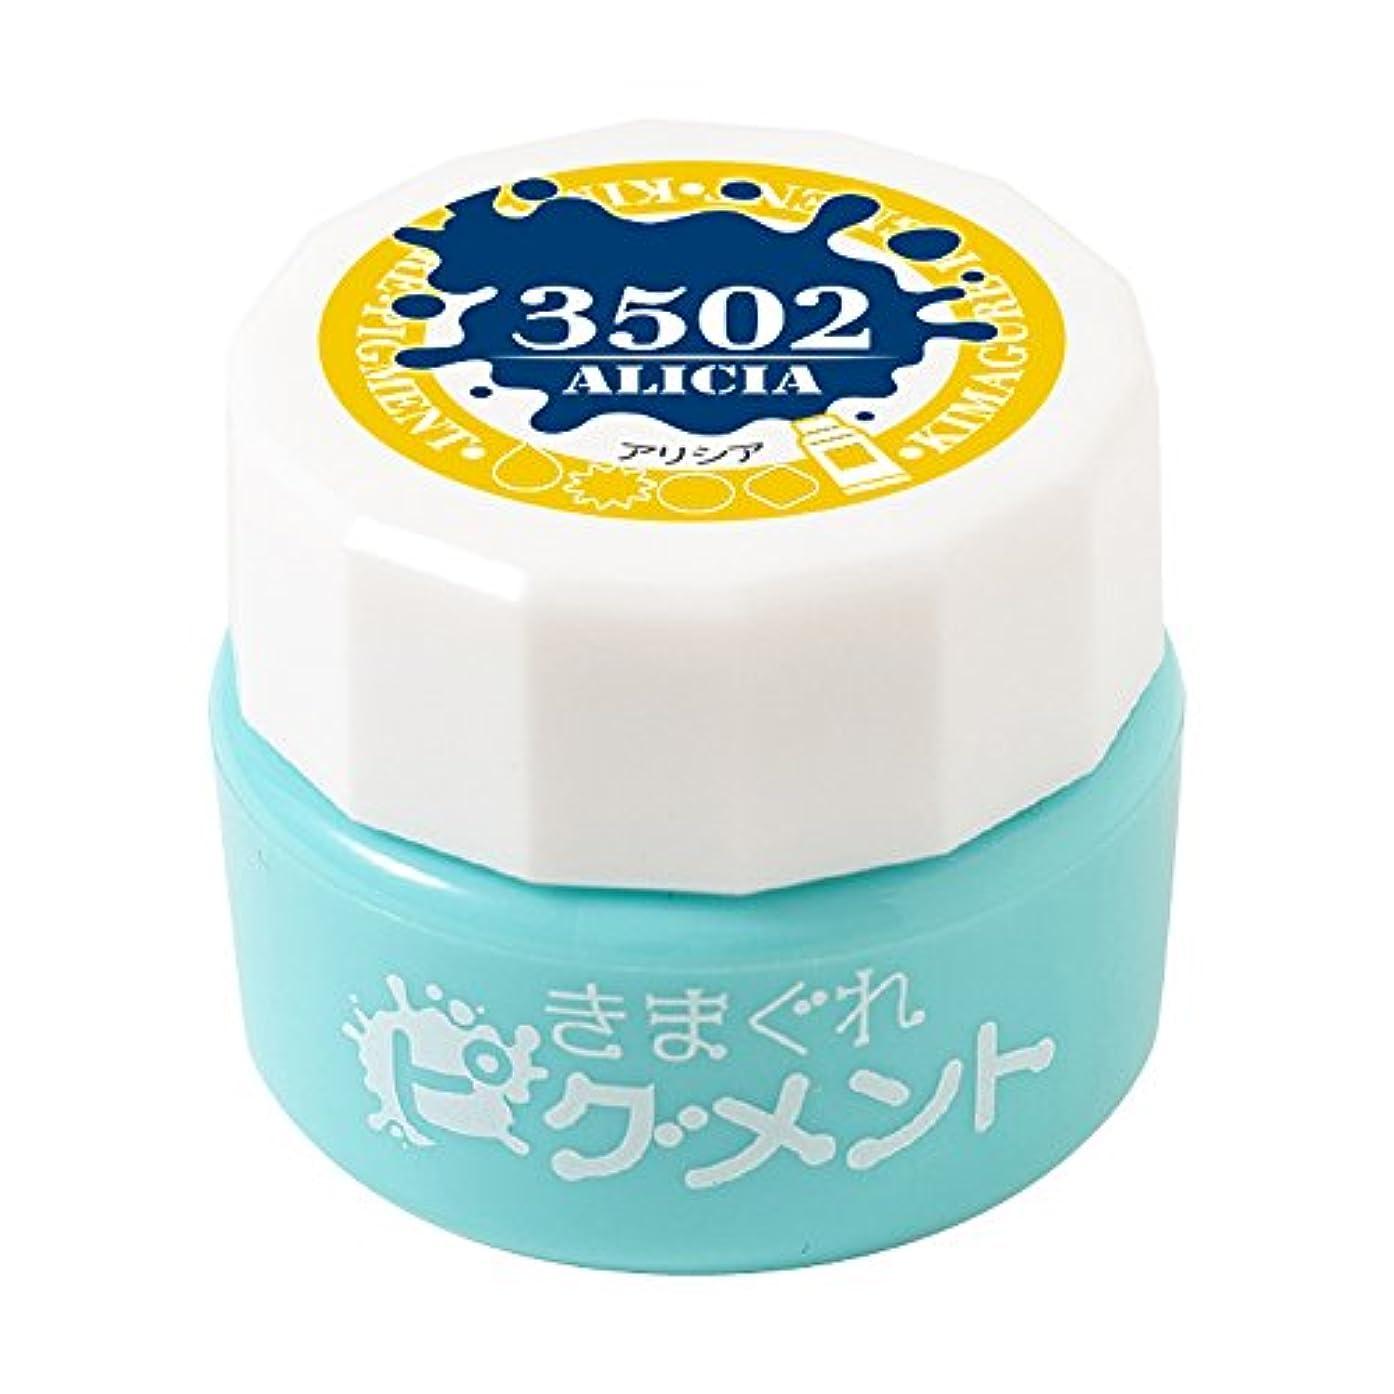 嫌がらせスキム知恵Bettygel きまぐれピグメント アリシア QYJ-3502 4g UV/LED対応